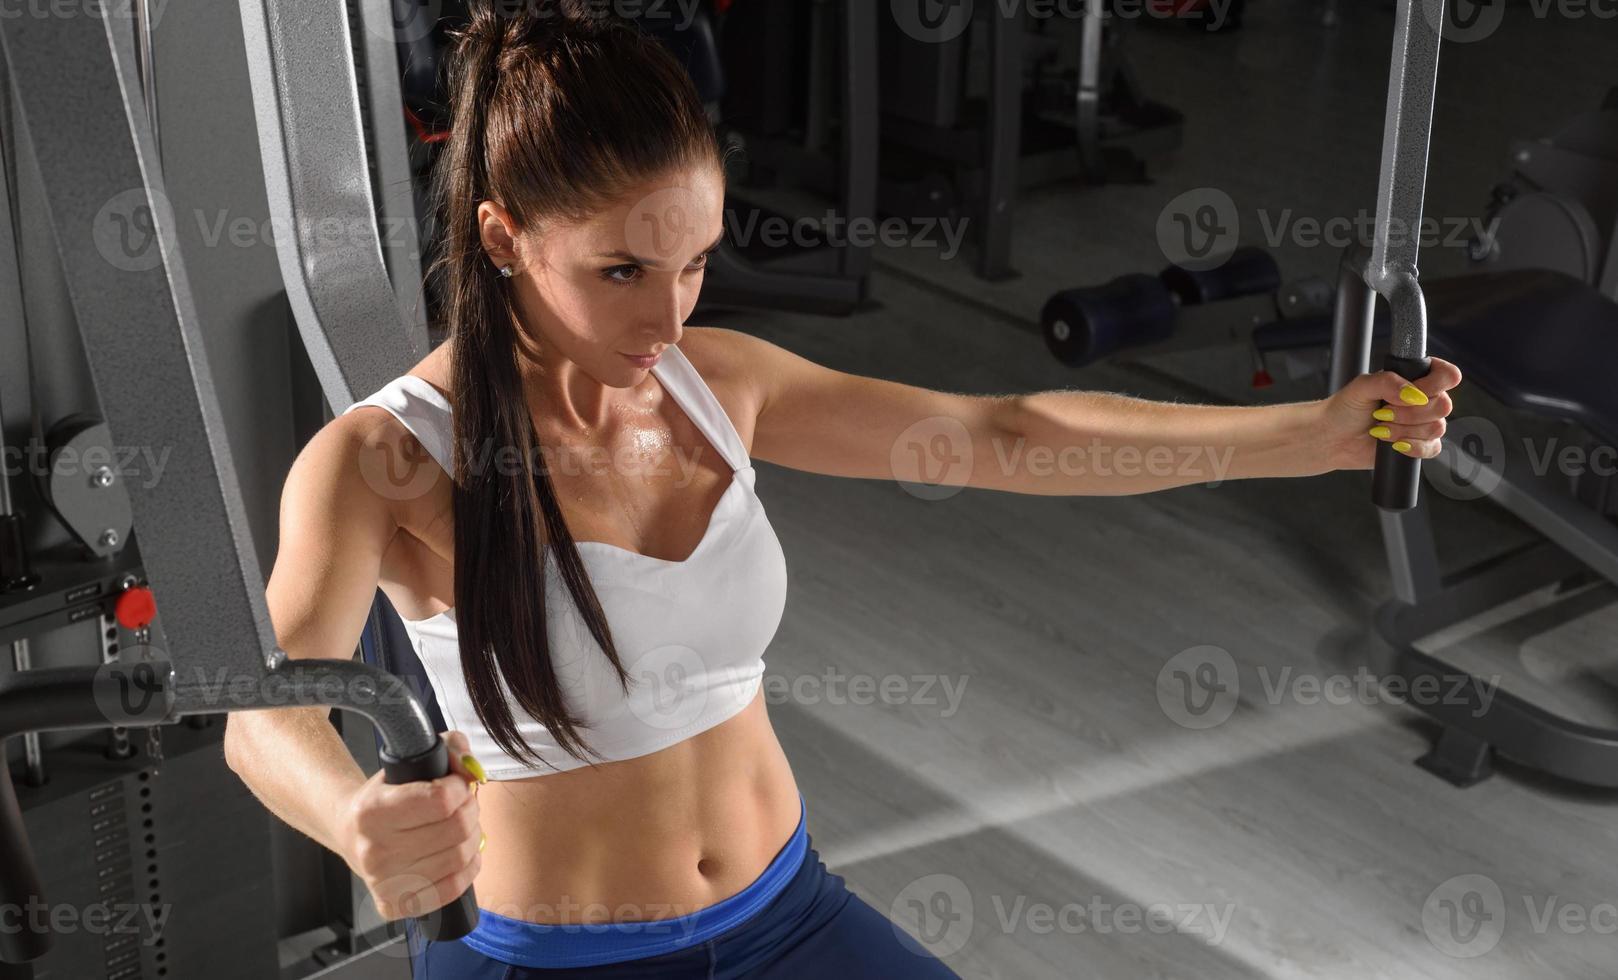 sportliches Frauentraining im Fitnessstudio foto